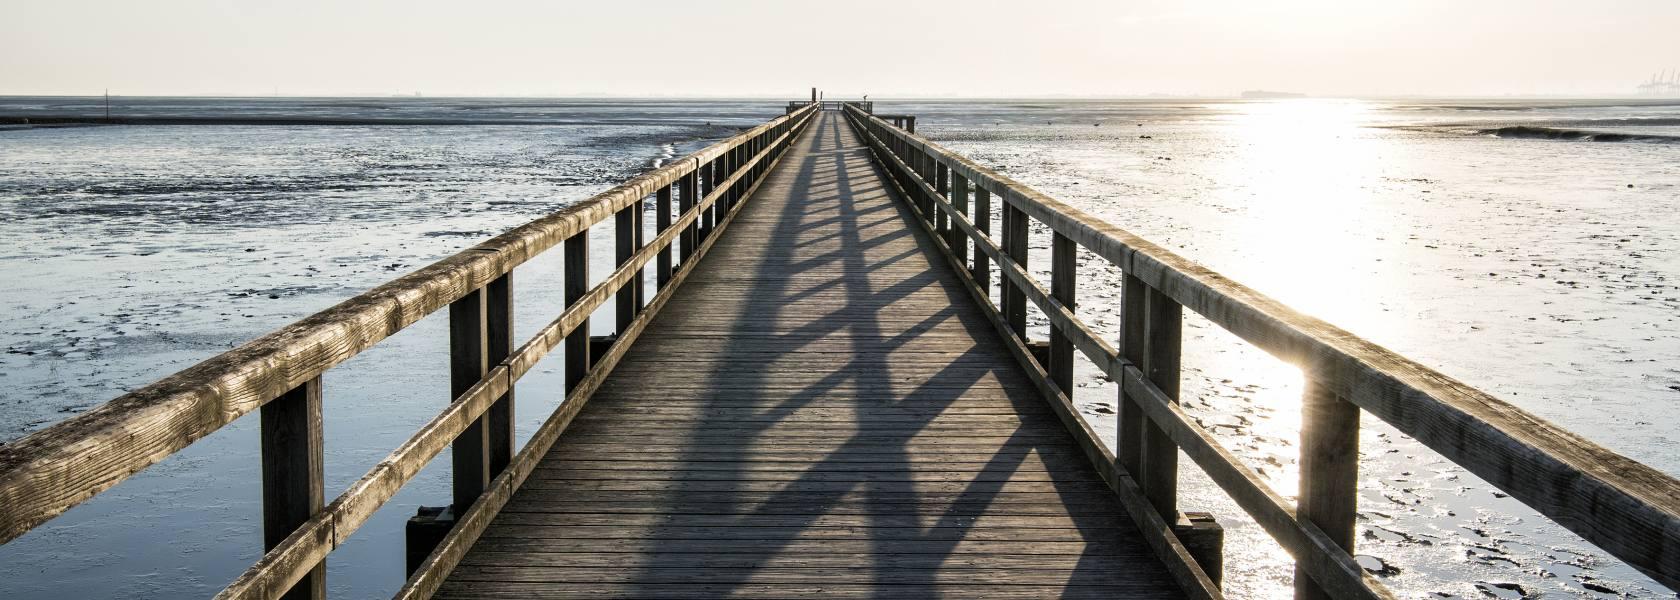 Nordsee-Tourismustag 2021, © Florian Trykowski